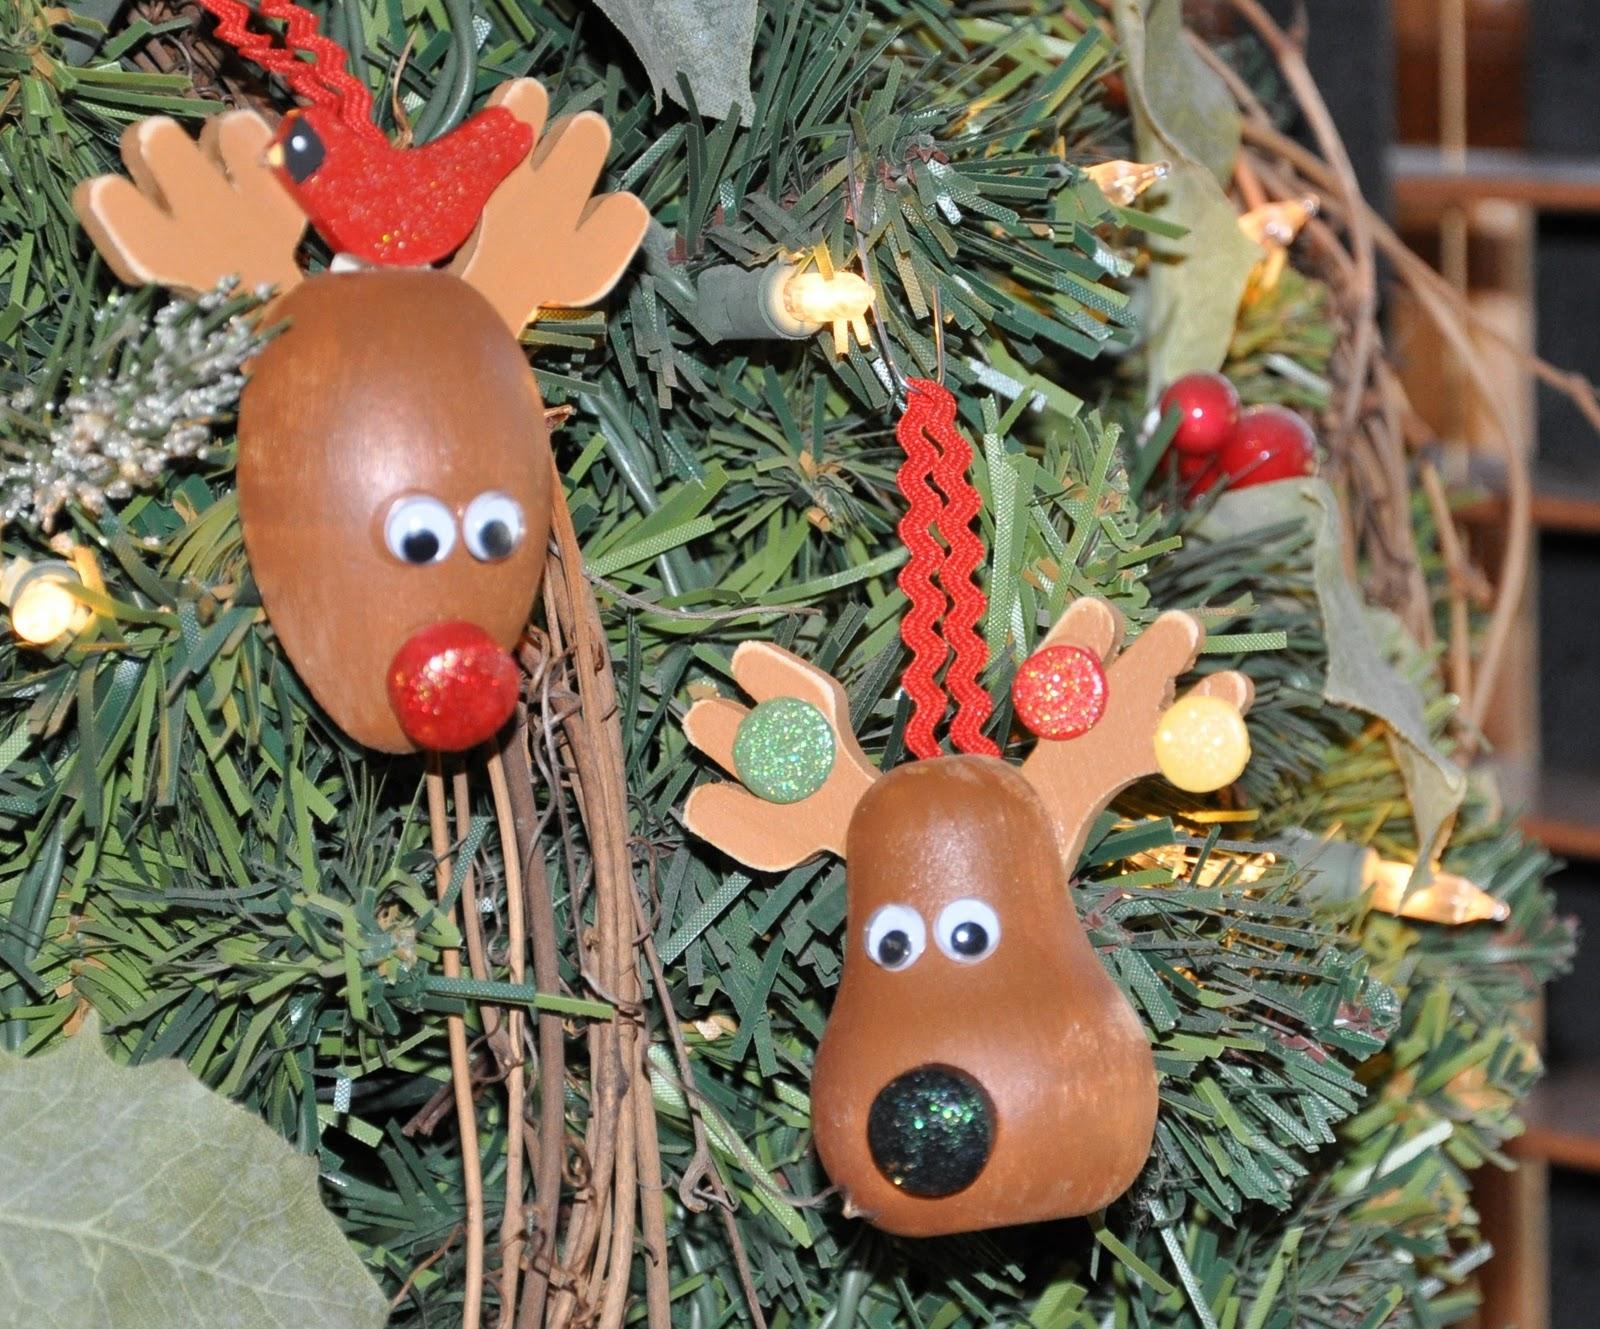 Megpie designs christmas reindeer ornaments